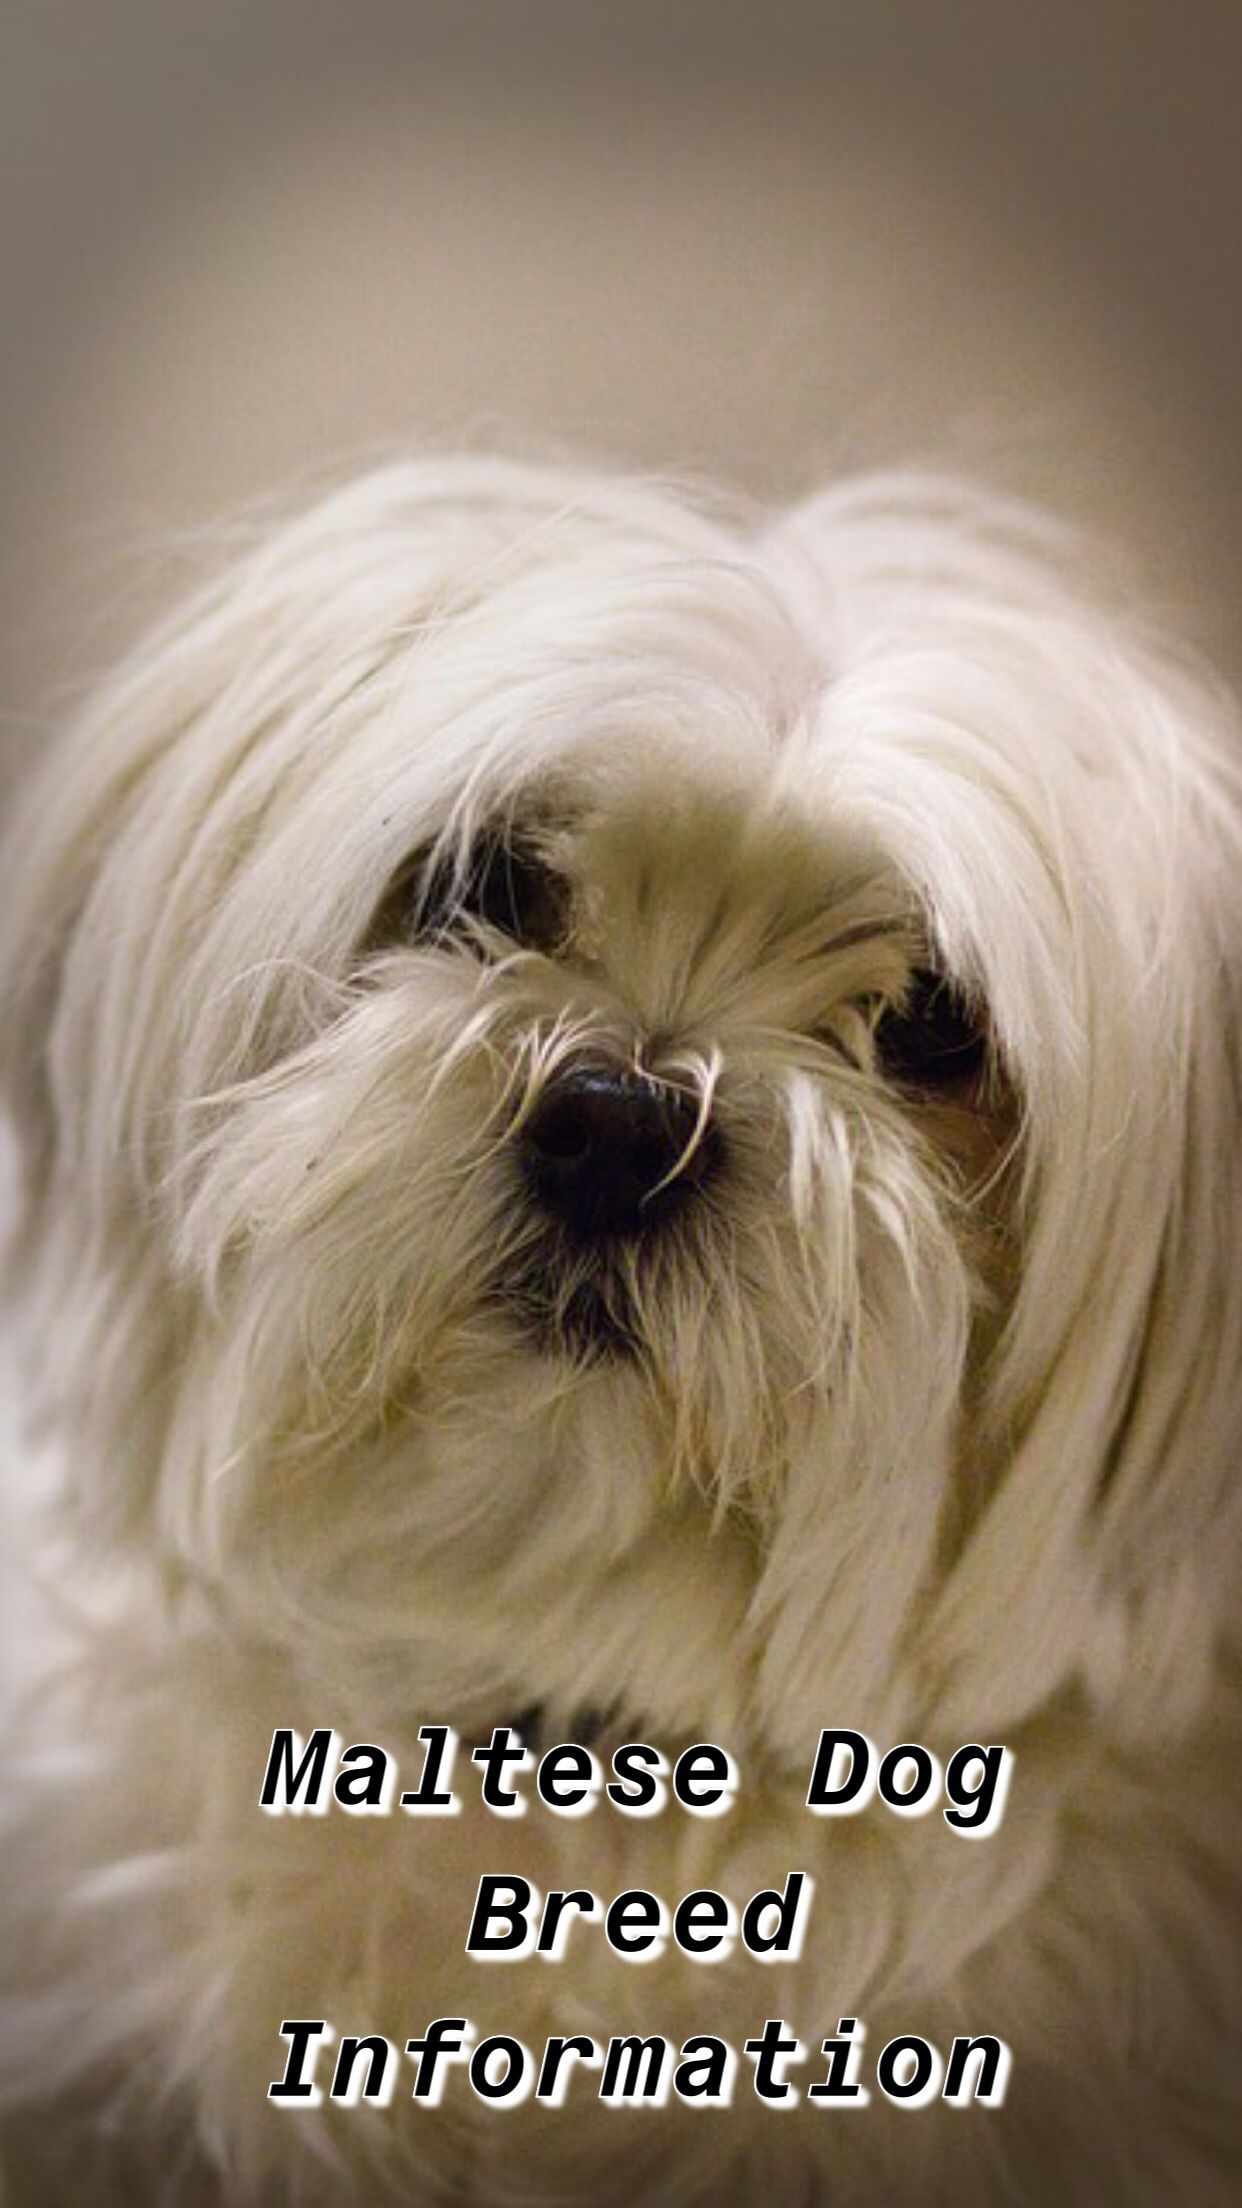 Maltese Terrier Puppy Maltese Teacup Maltese Shitzu Maltese White